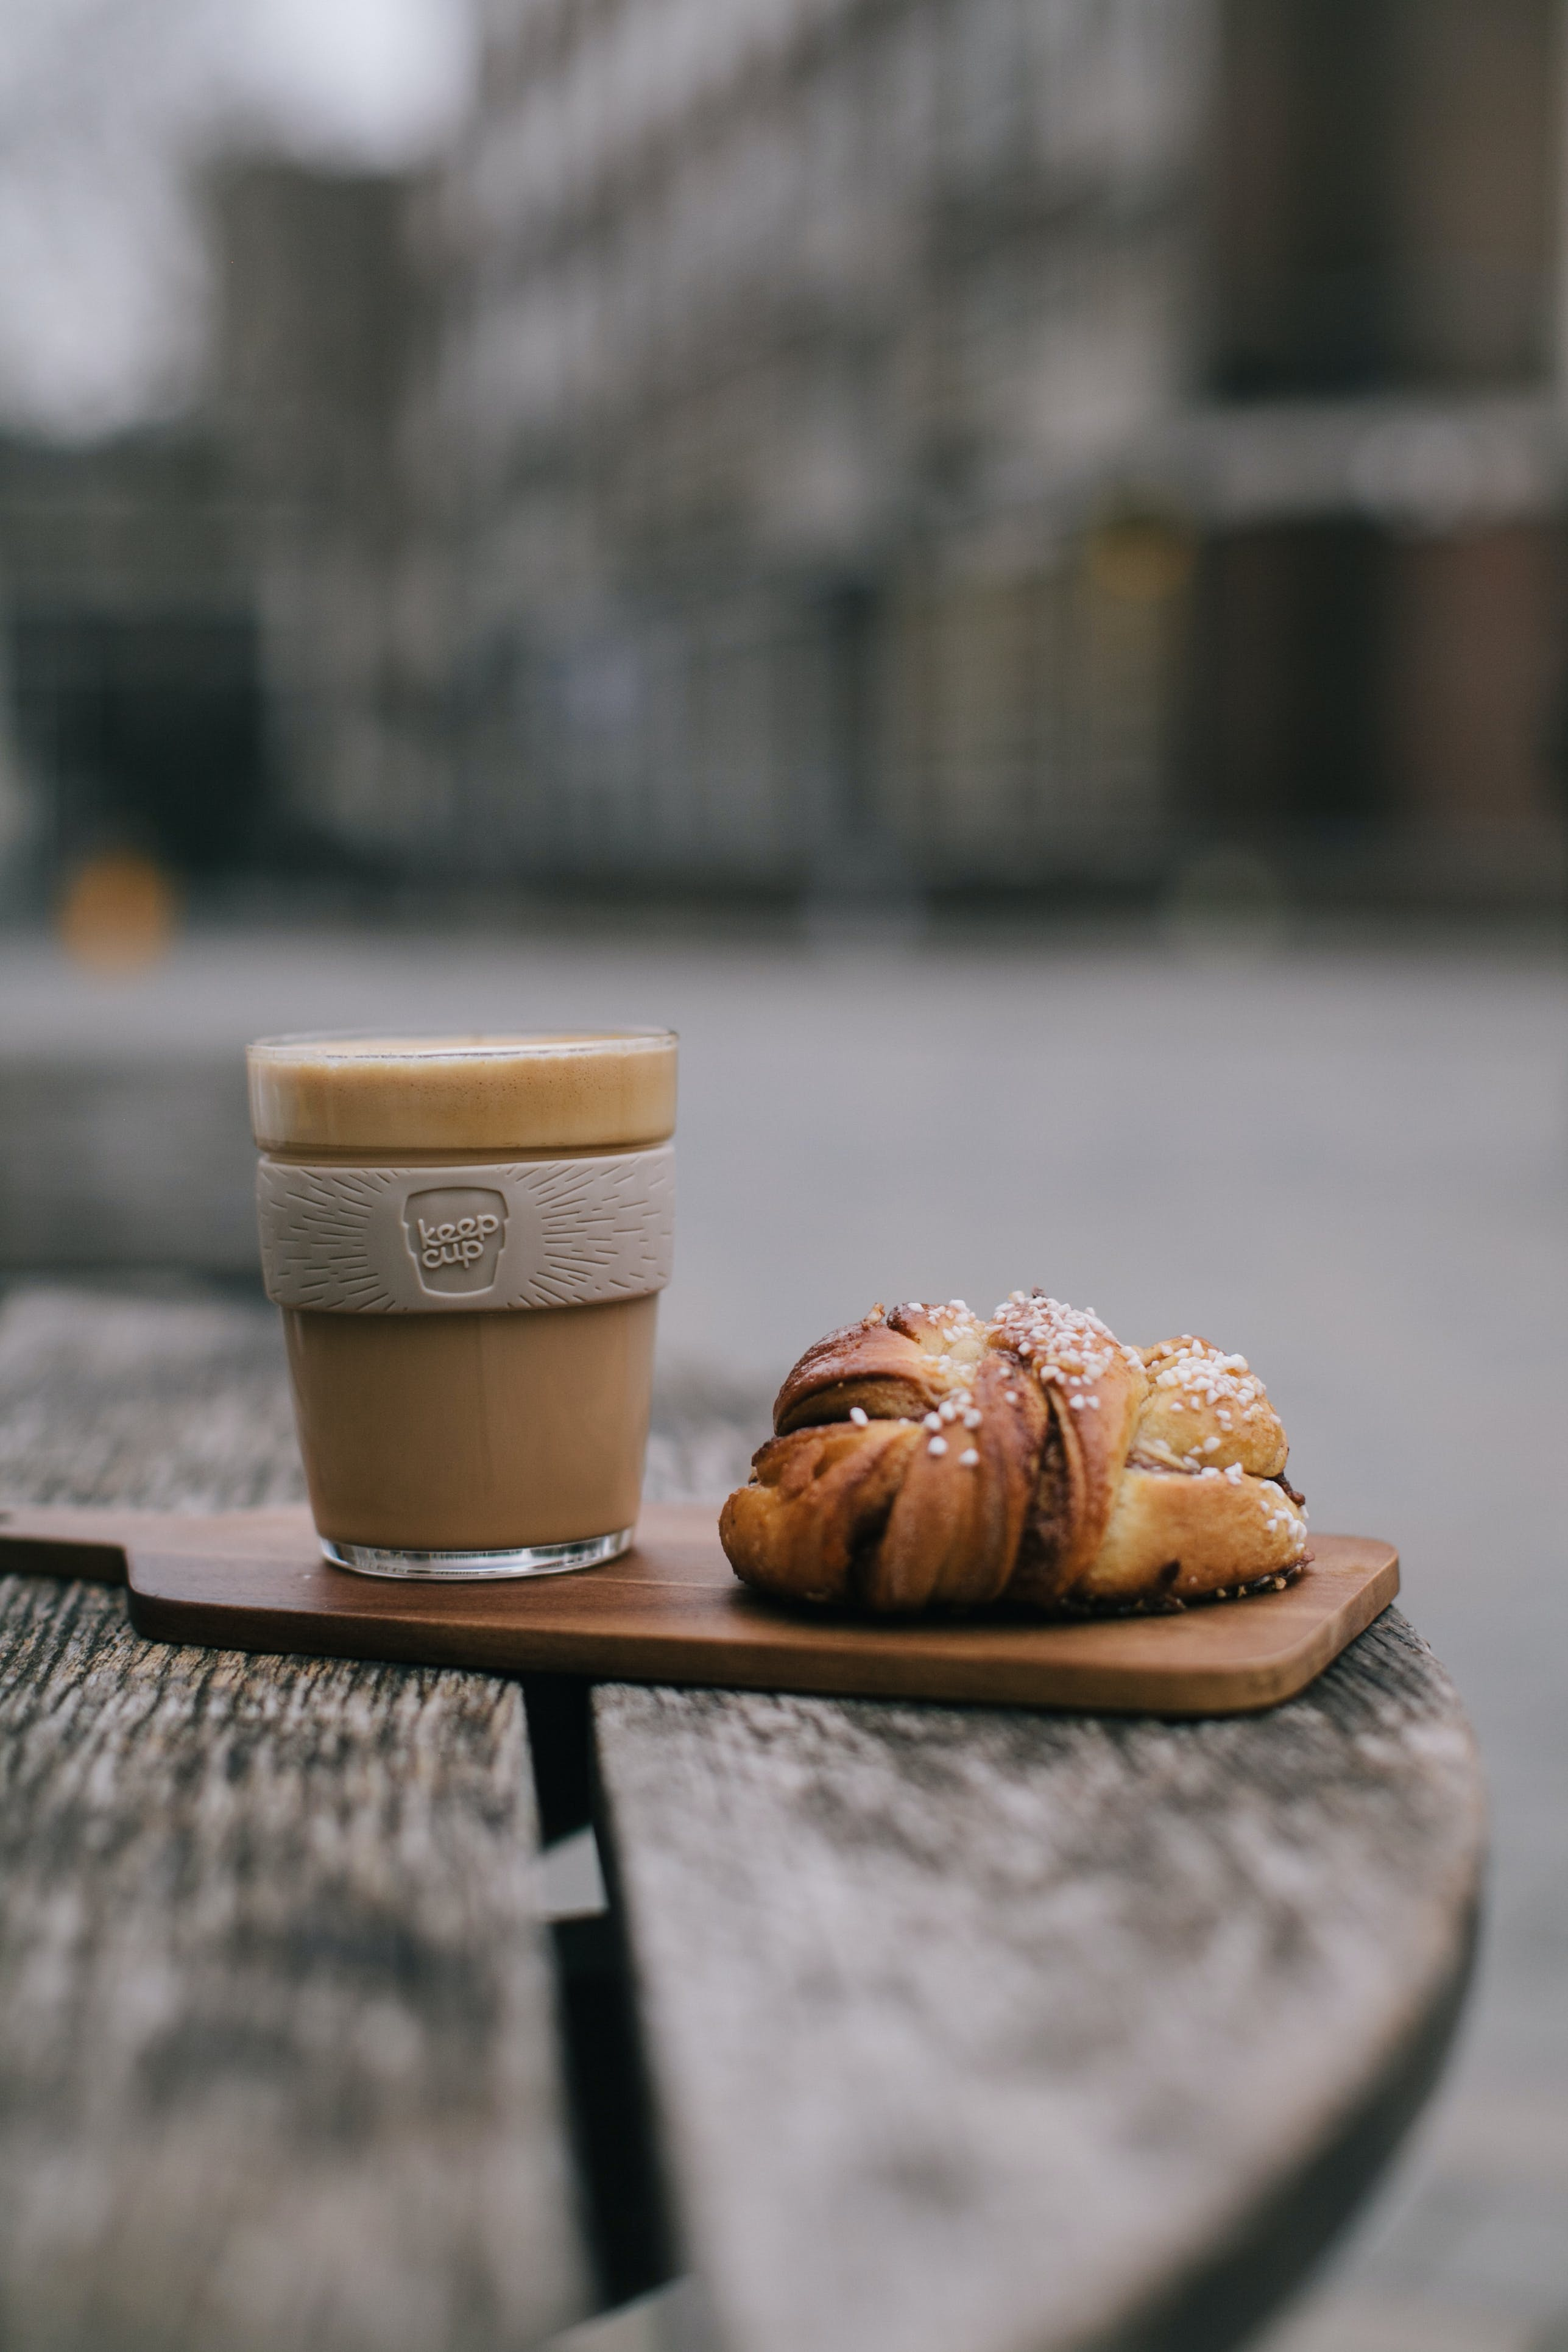 一杯咖啡, 倫敦, 可口的, 咖啡 的 免費圖庫相片